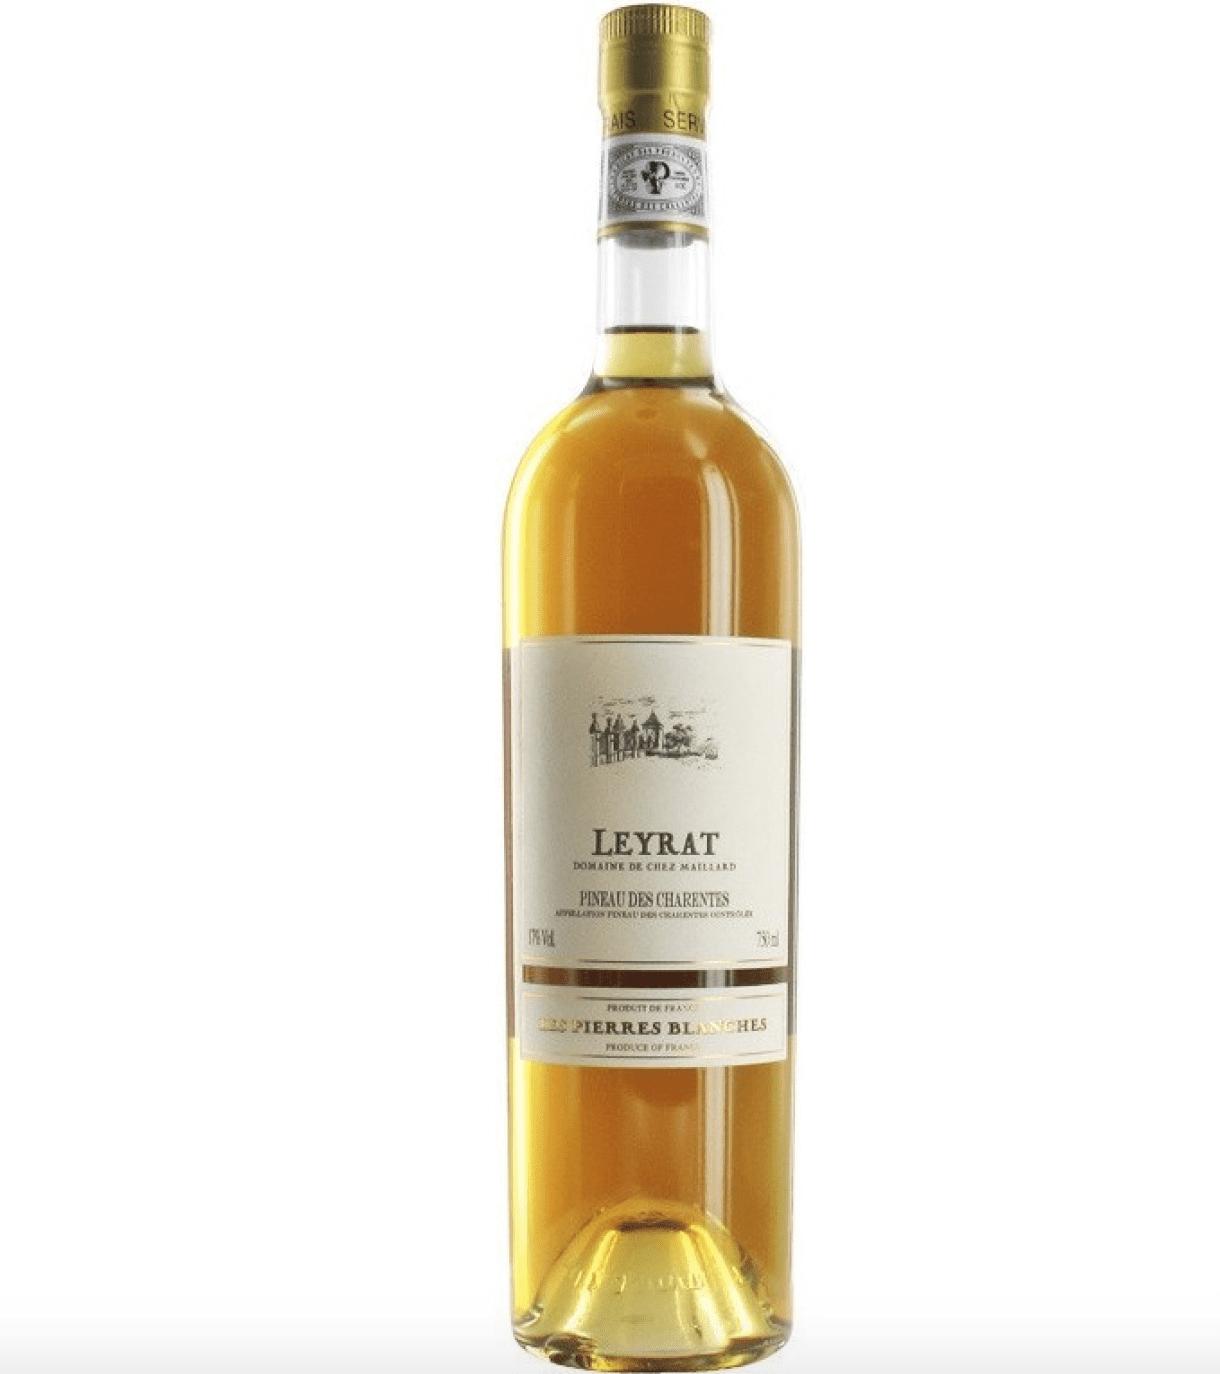 Pineau de Charentes – Leyrat